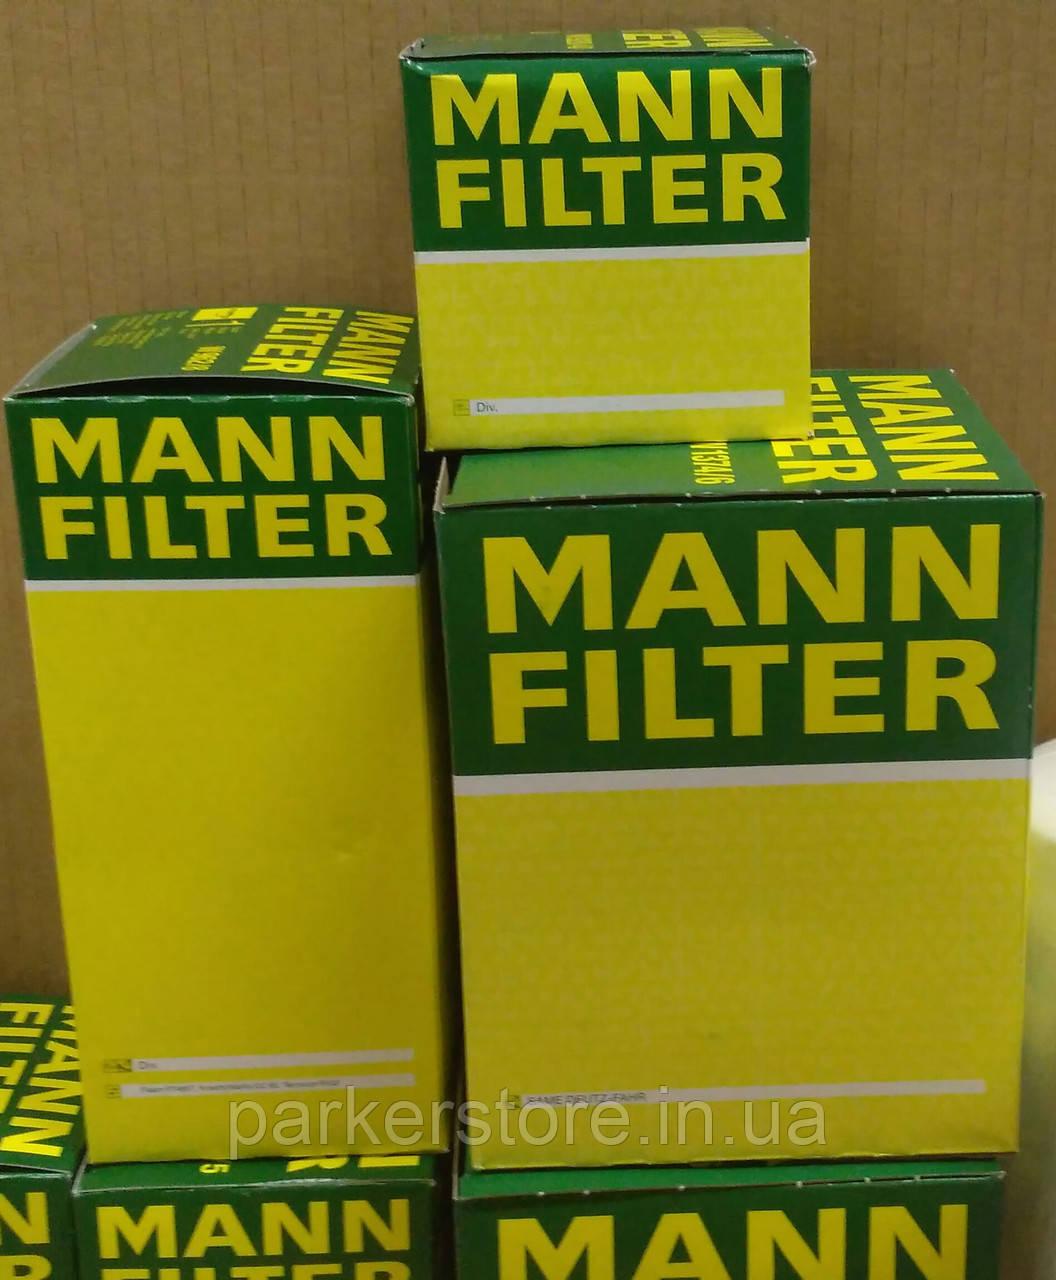 MANN FILTER / Воздушный фильтр / C 2631 / C2631